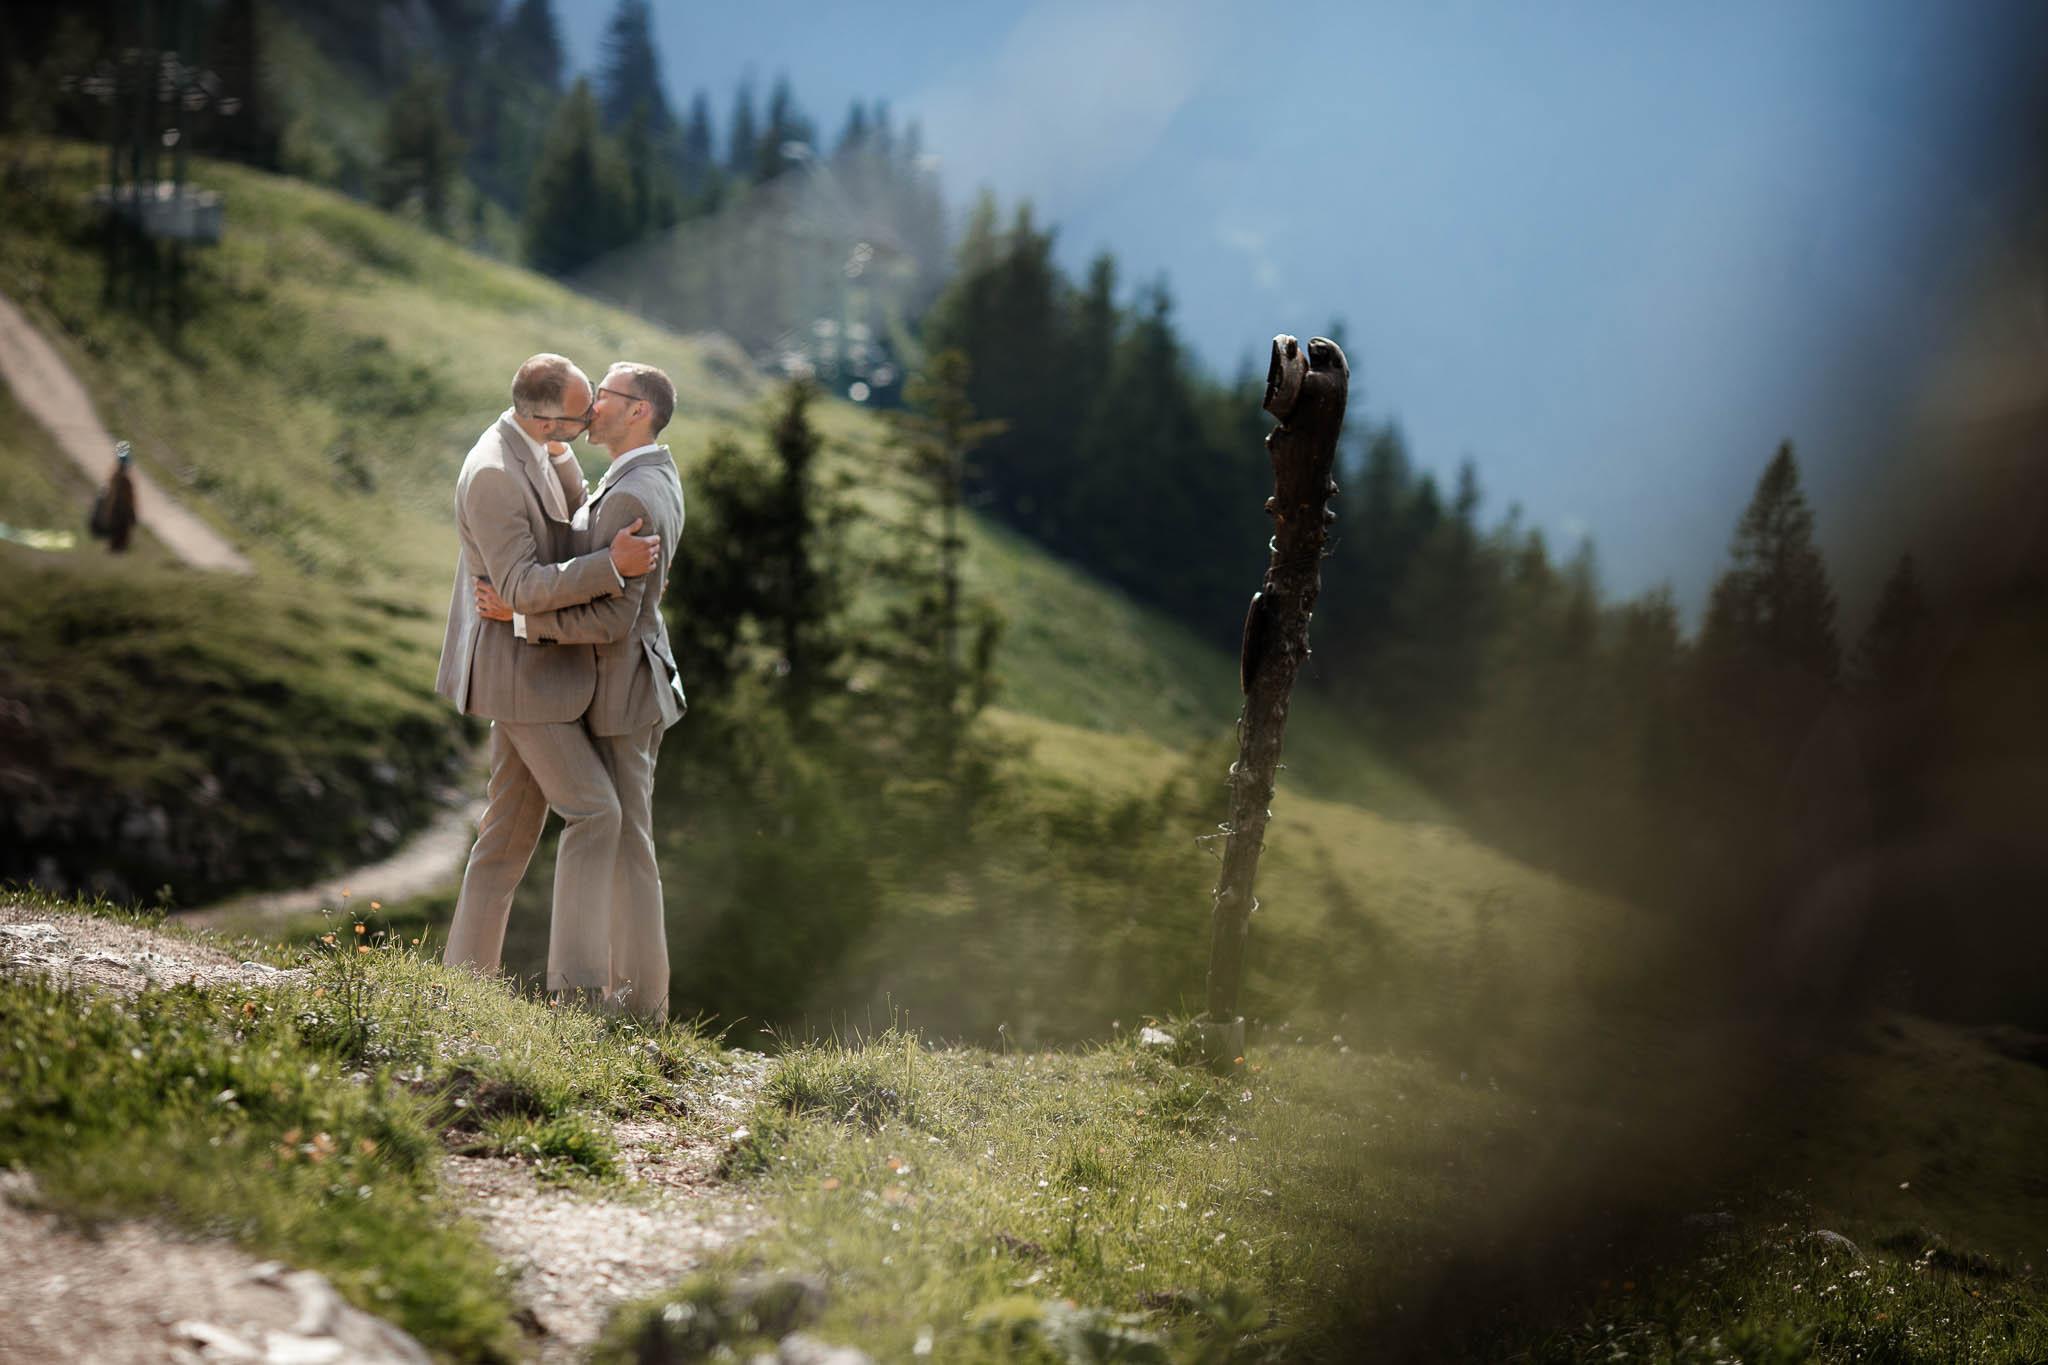 Hochzeitsfotograf Alpen, Chiemgau: freie Trauung von Dennis & Dirk 61